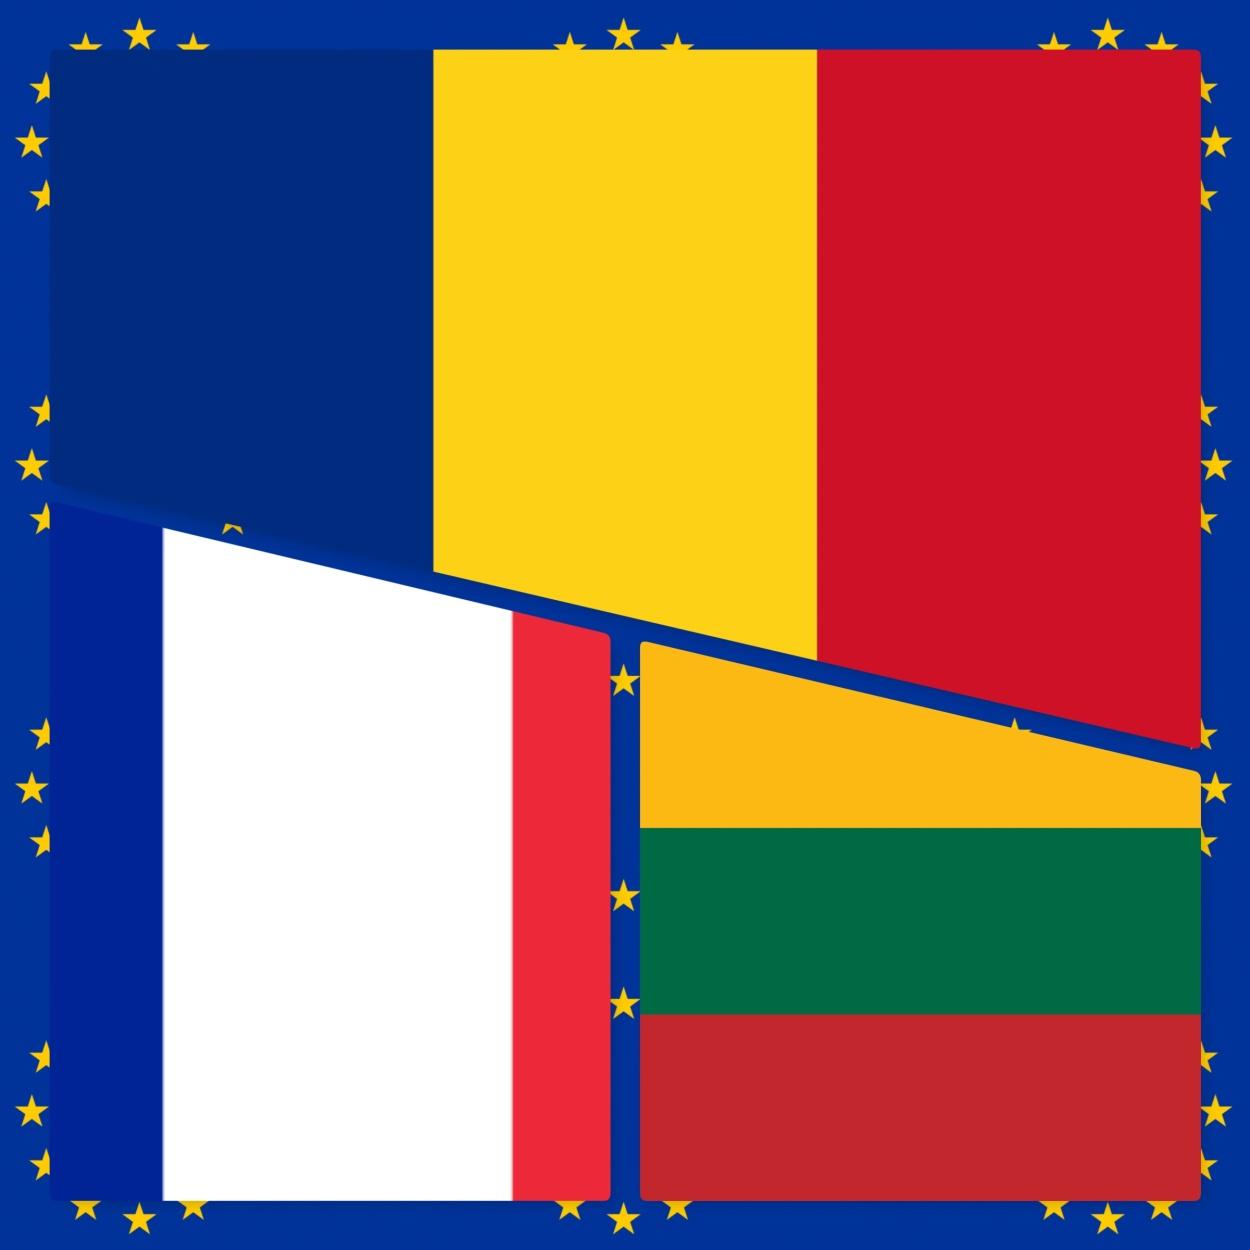 Sei mesi in Europa: secondo semestre 2012